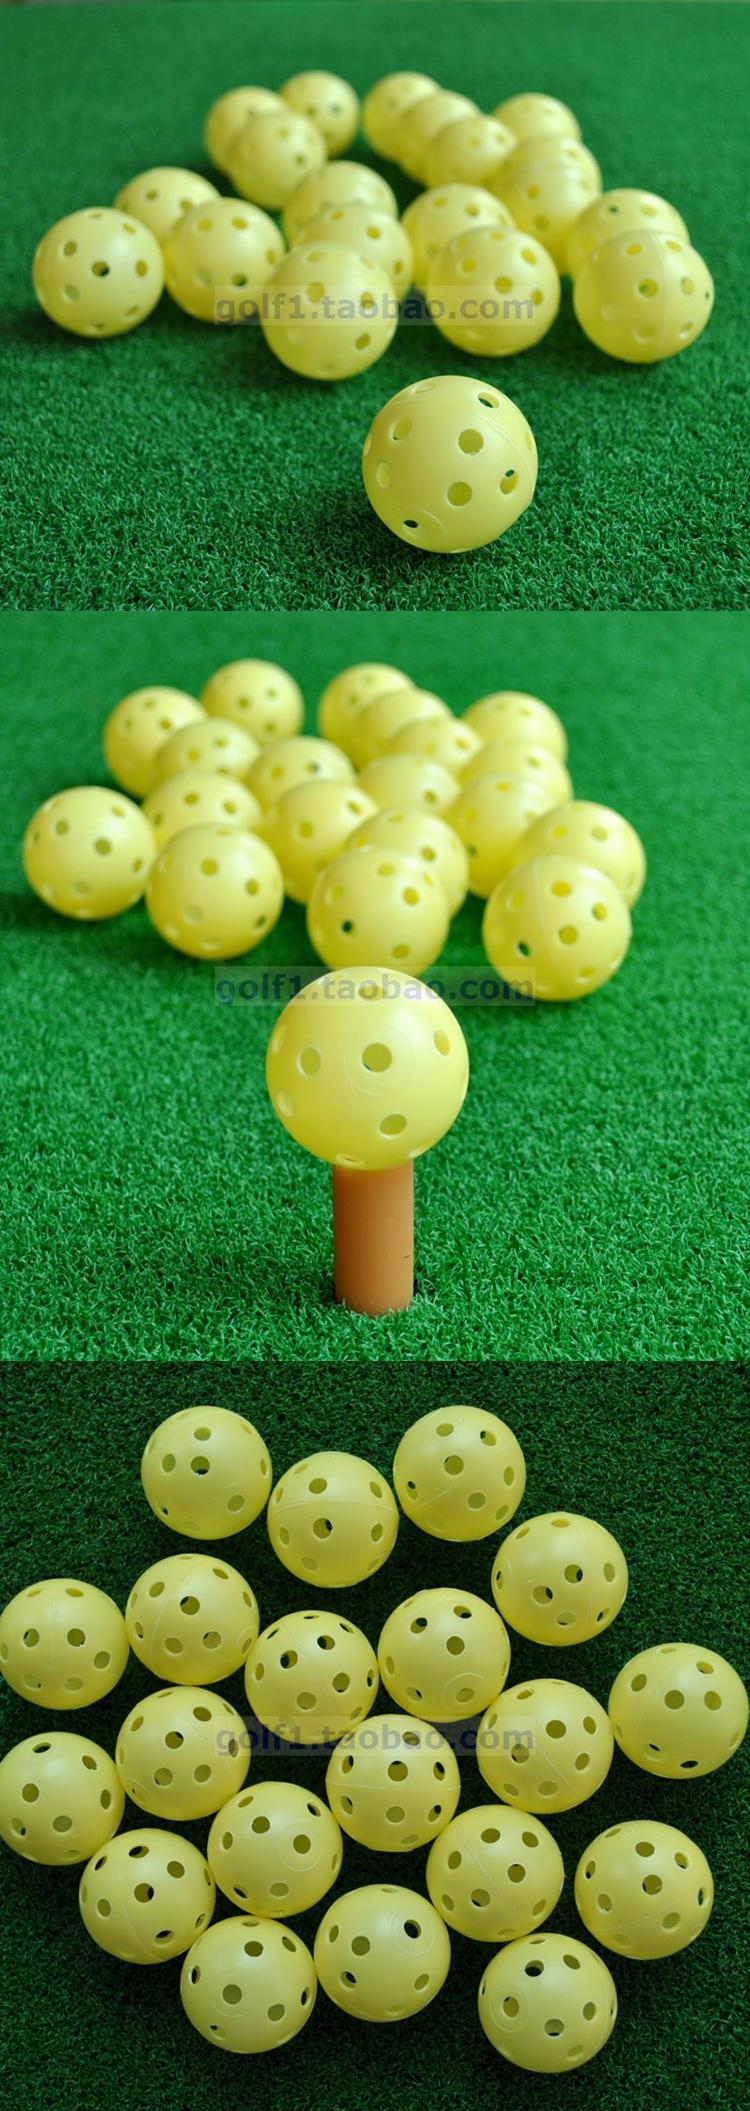 厂家直销 供应全新高尔夫球 洞洞球 室内练习球 有孔球 玩具球